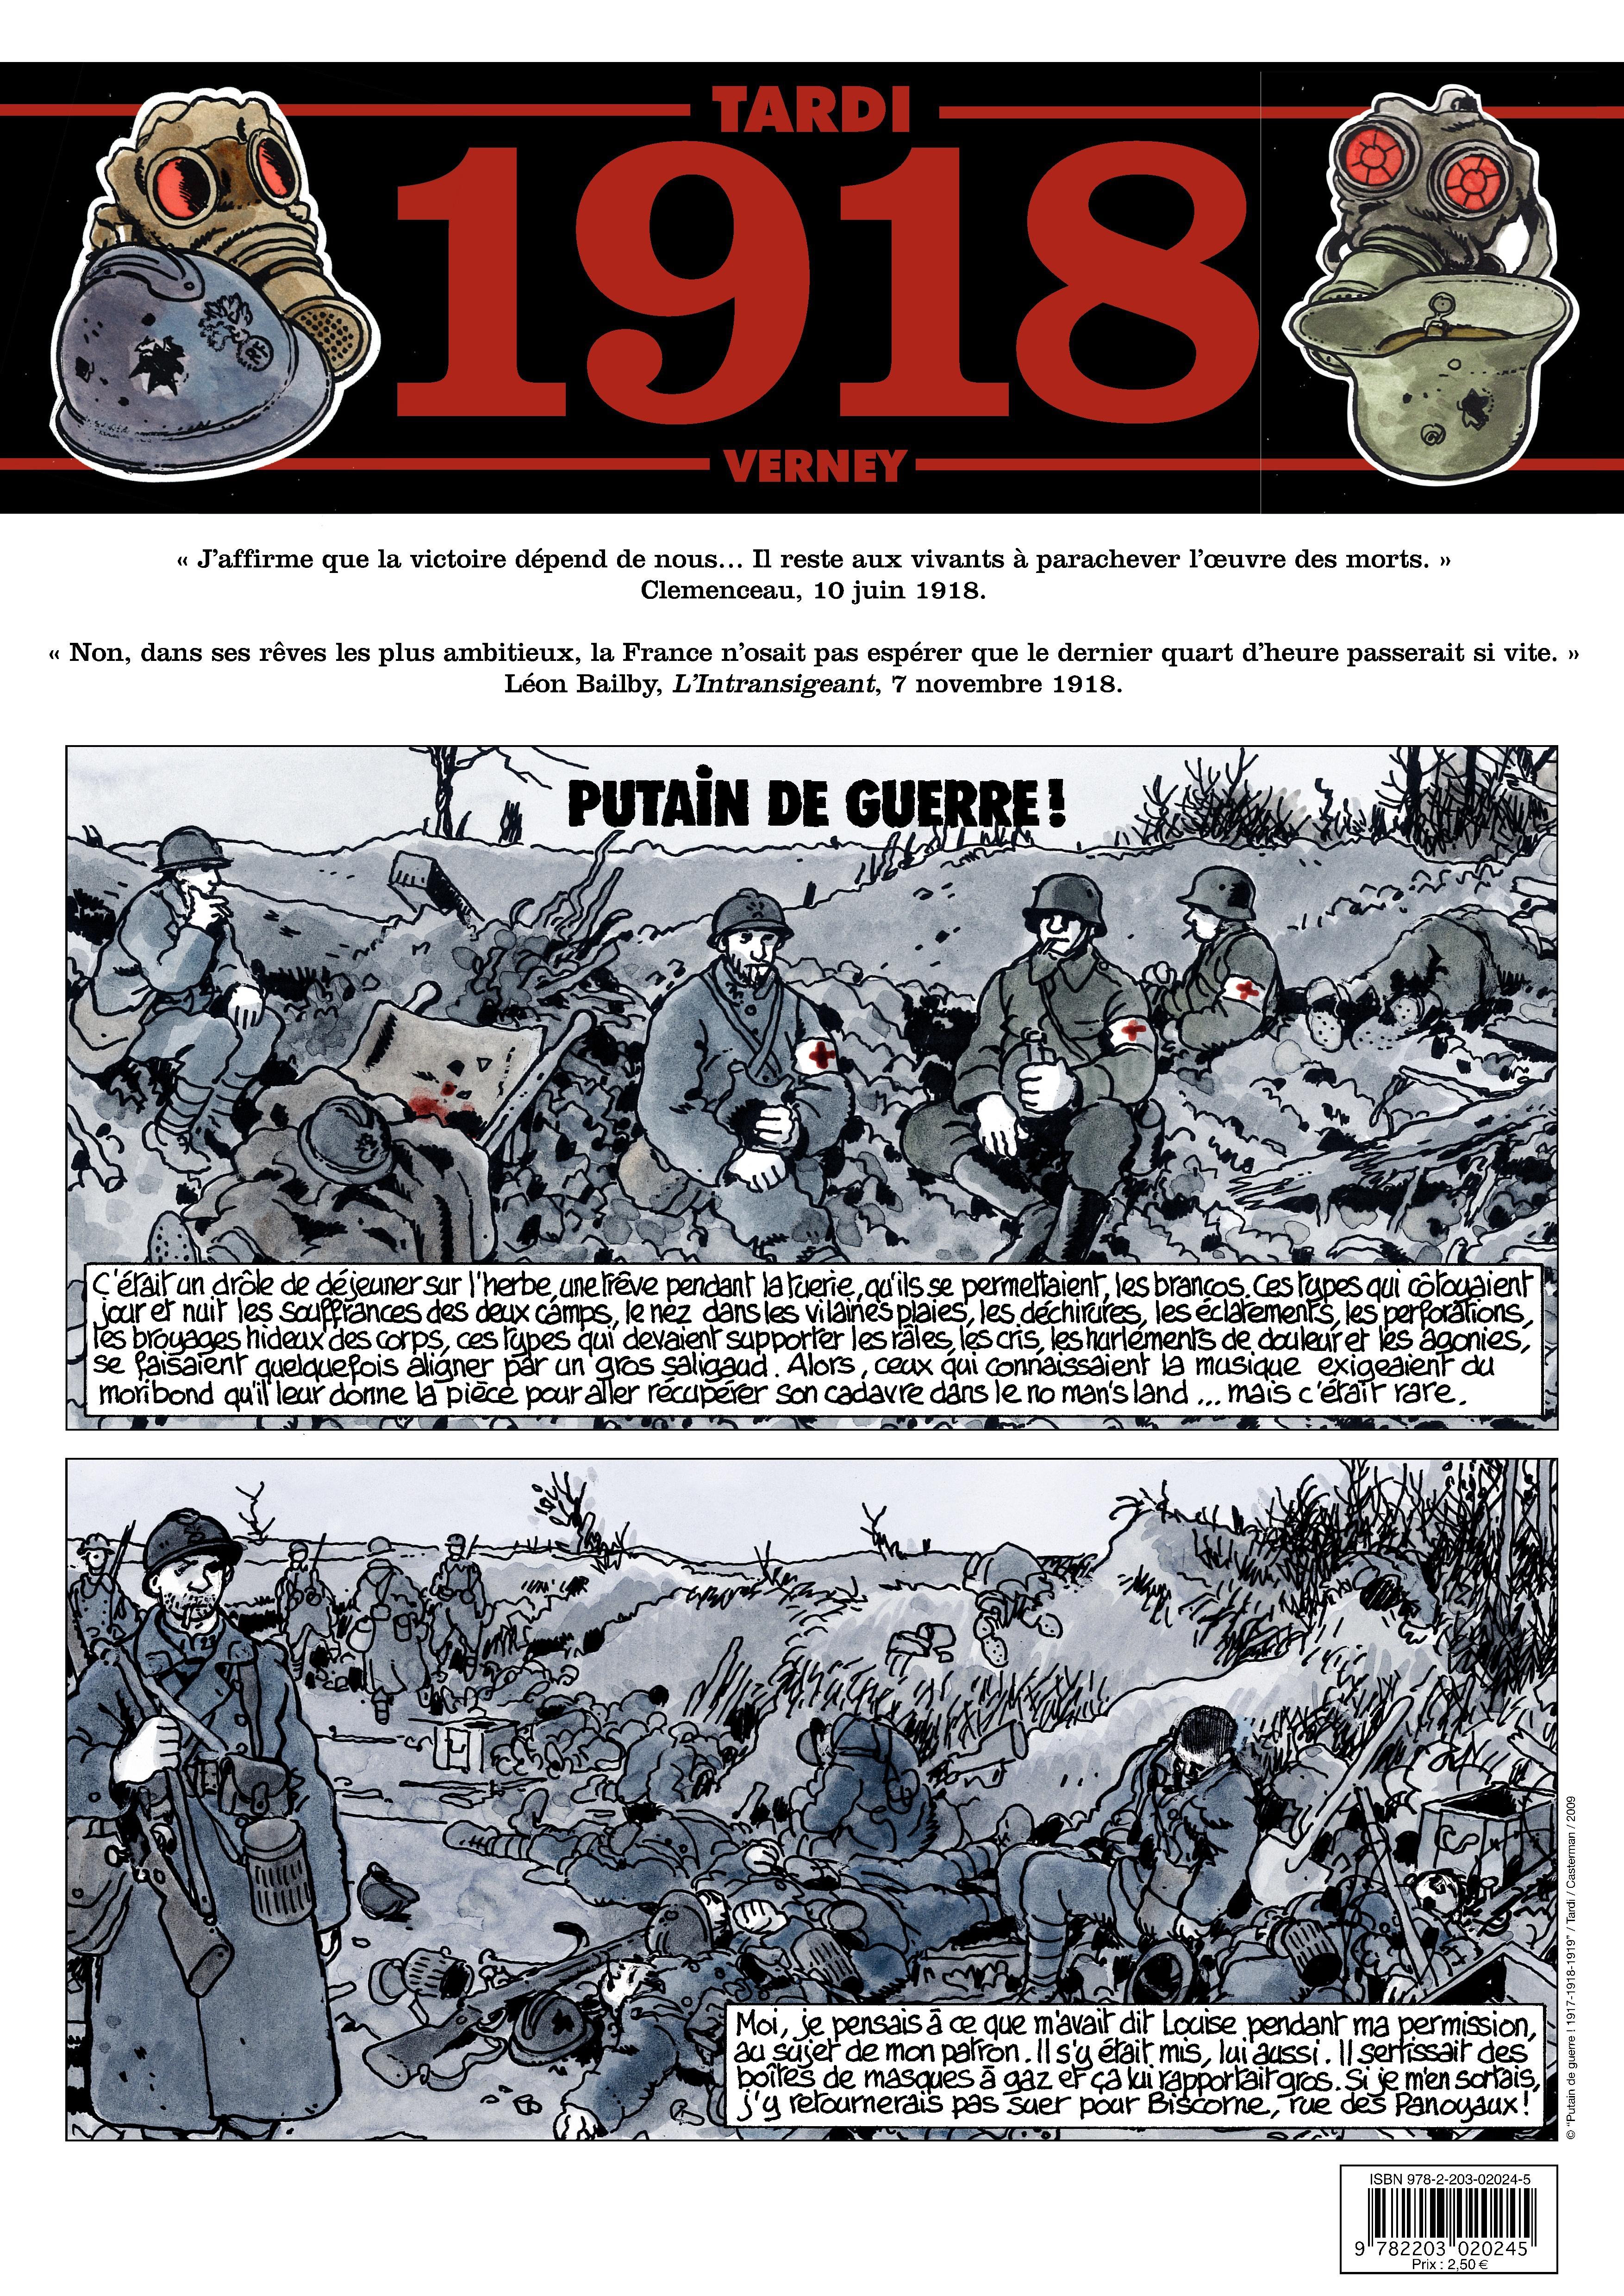 Journal de guerre - 1918